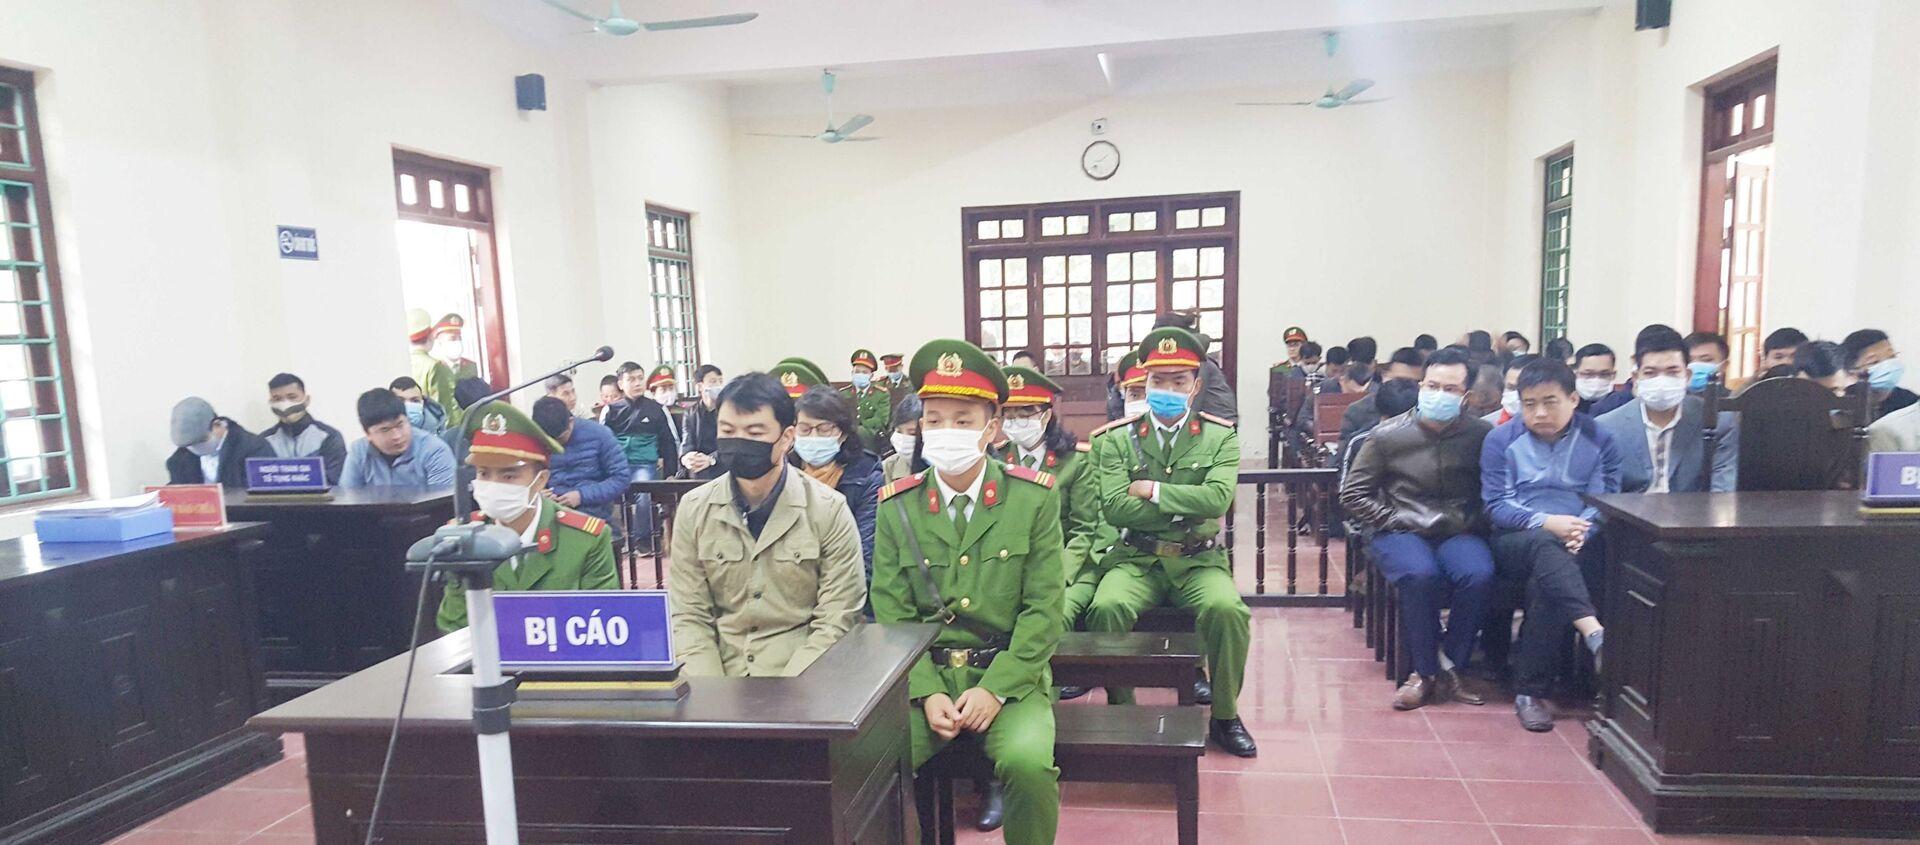 Phiên tòa xét xử vụ 4 cựu thanh tra Bộ Xây dựng 'vòi tiền' ở Vĩnh Phúc. - Sputnik Việt Nam, 1920, 04.01.2021